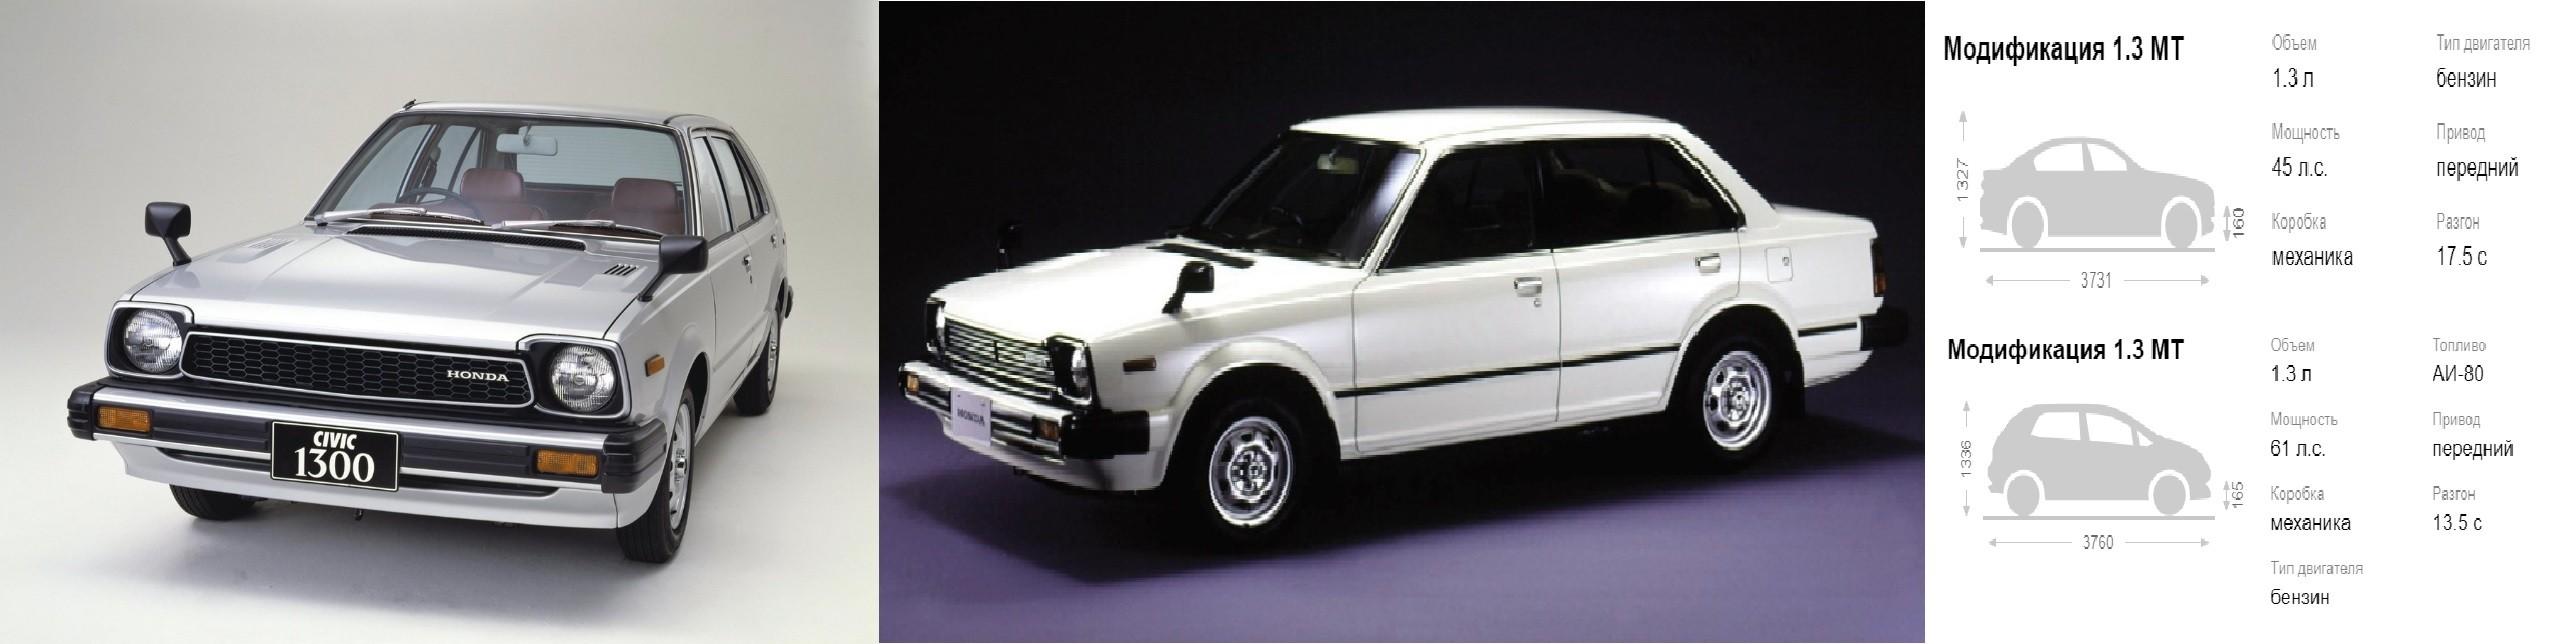 Второе поколение Honda Civic